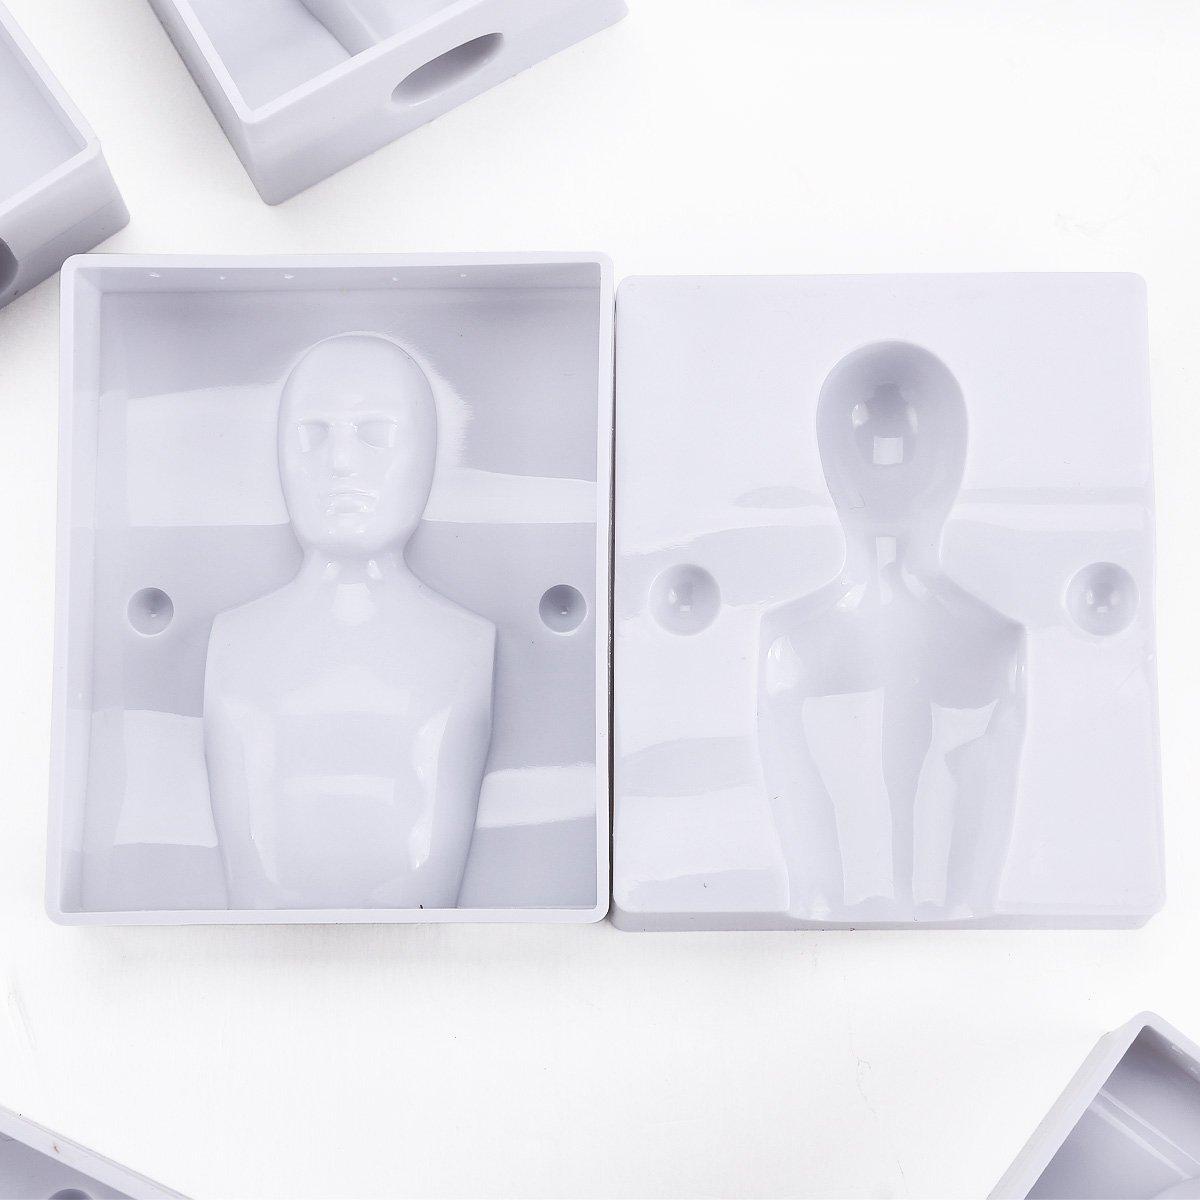 NOCM 4x moule 3D homme femme garcon fille Emporte-piece Pate a sucre Gateau Figurine